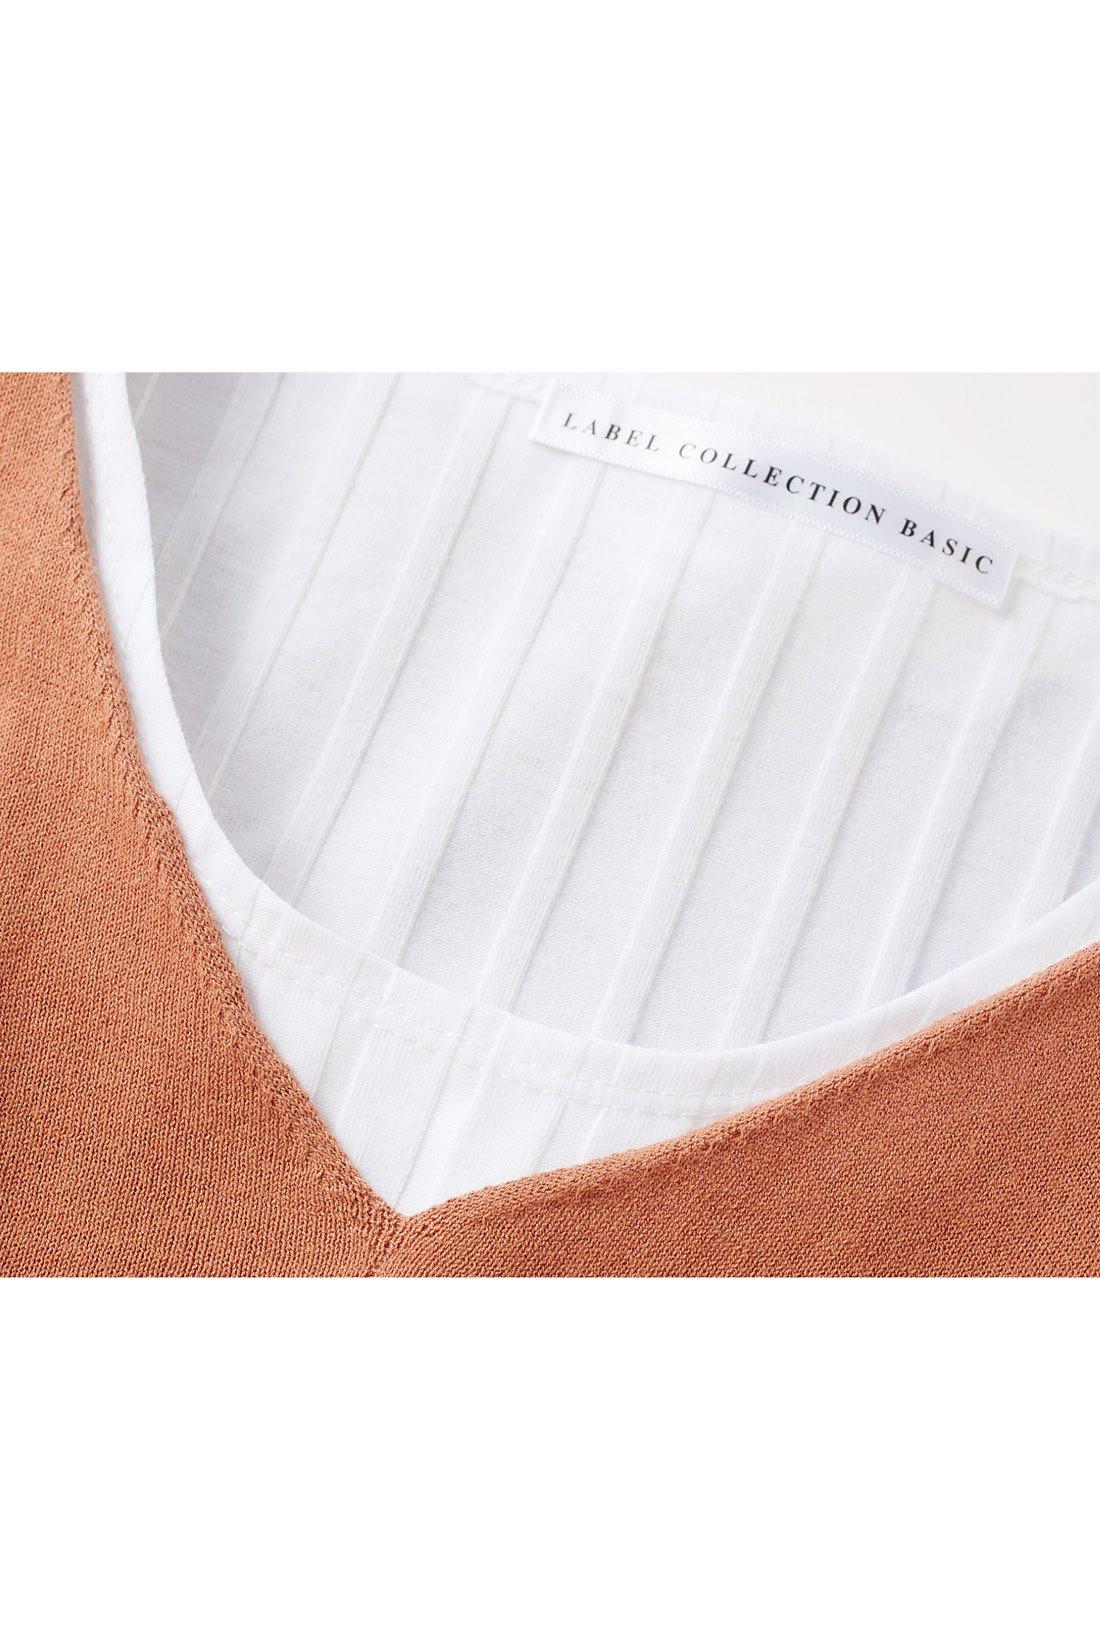 ニットの衿ぐりはフラットに仕上げてすっきりきれいめに。※お届けするカラーとは異なります。